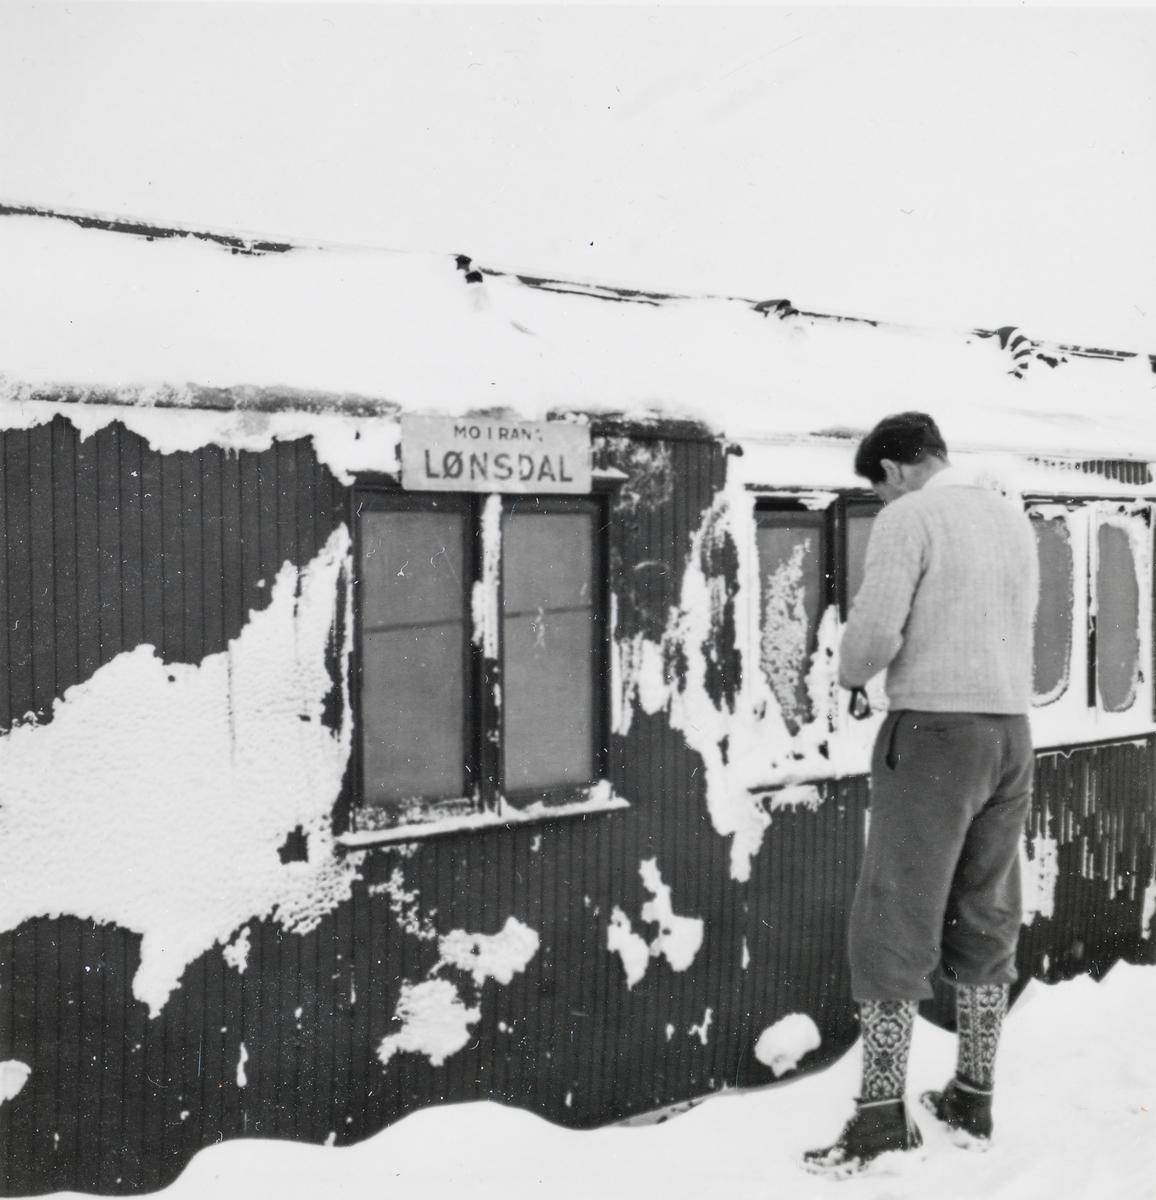 Toget fra Mo i Rana til Lønsdal har kjørt seg fast i snøen på Saltfjellet. Bildet viser sitte- og reisegodsvogn CFo2c type 4 nr. 845.